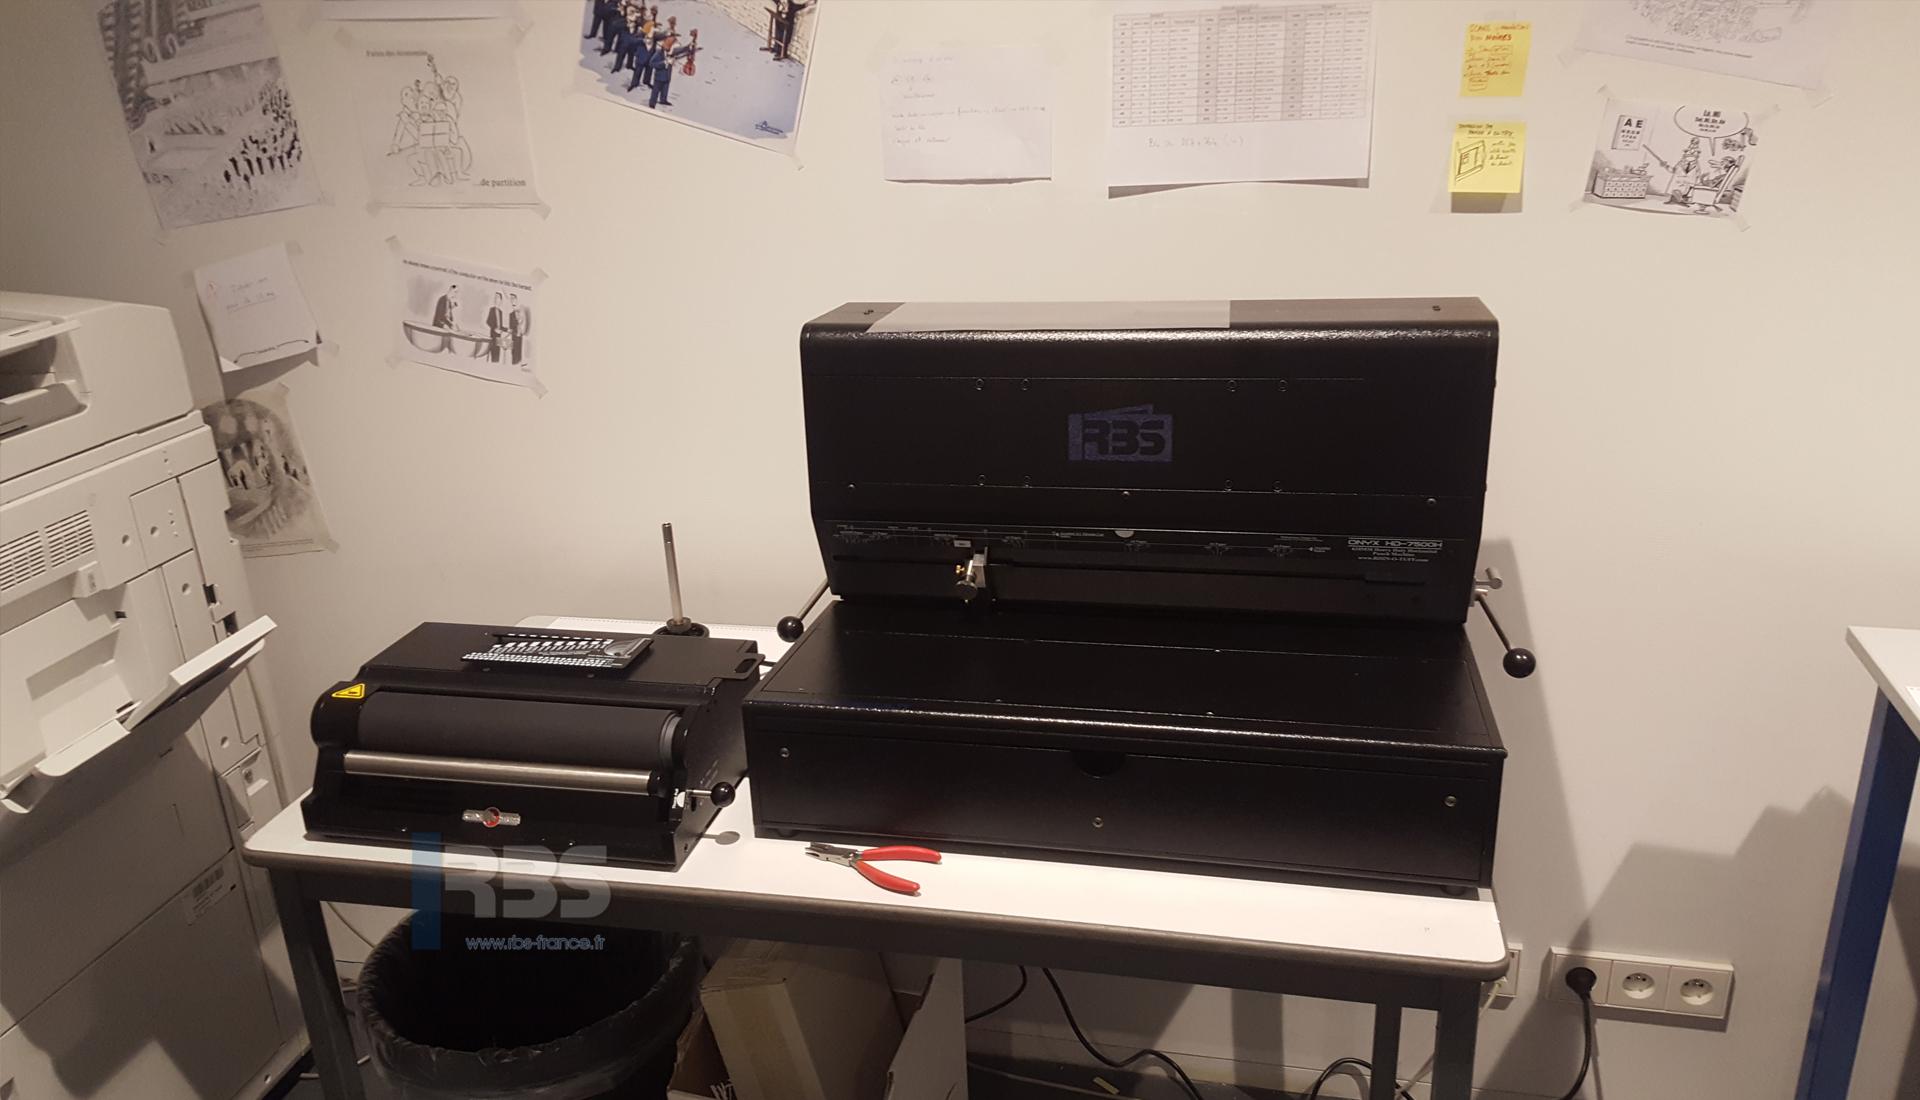 Reliure Grand Format Par Spirale Coil Avec Perforateur Onyx HD7500H Et Relieuse Eclectrique HD4170 Atelier Et Reprographie